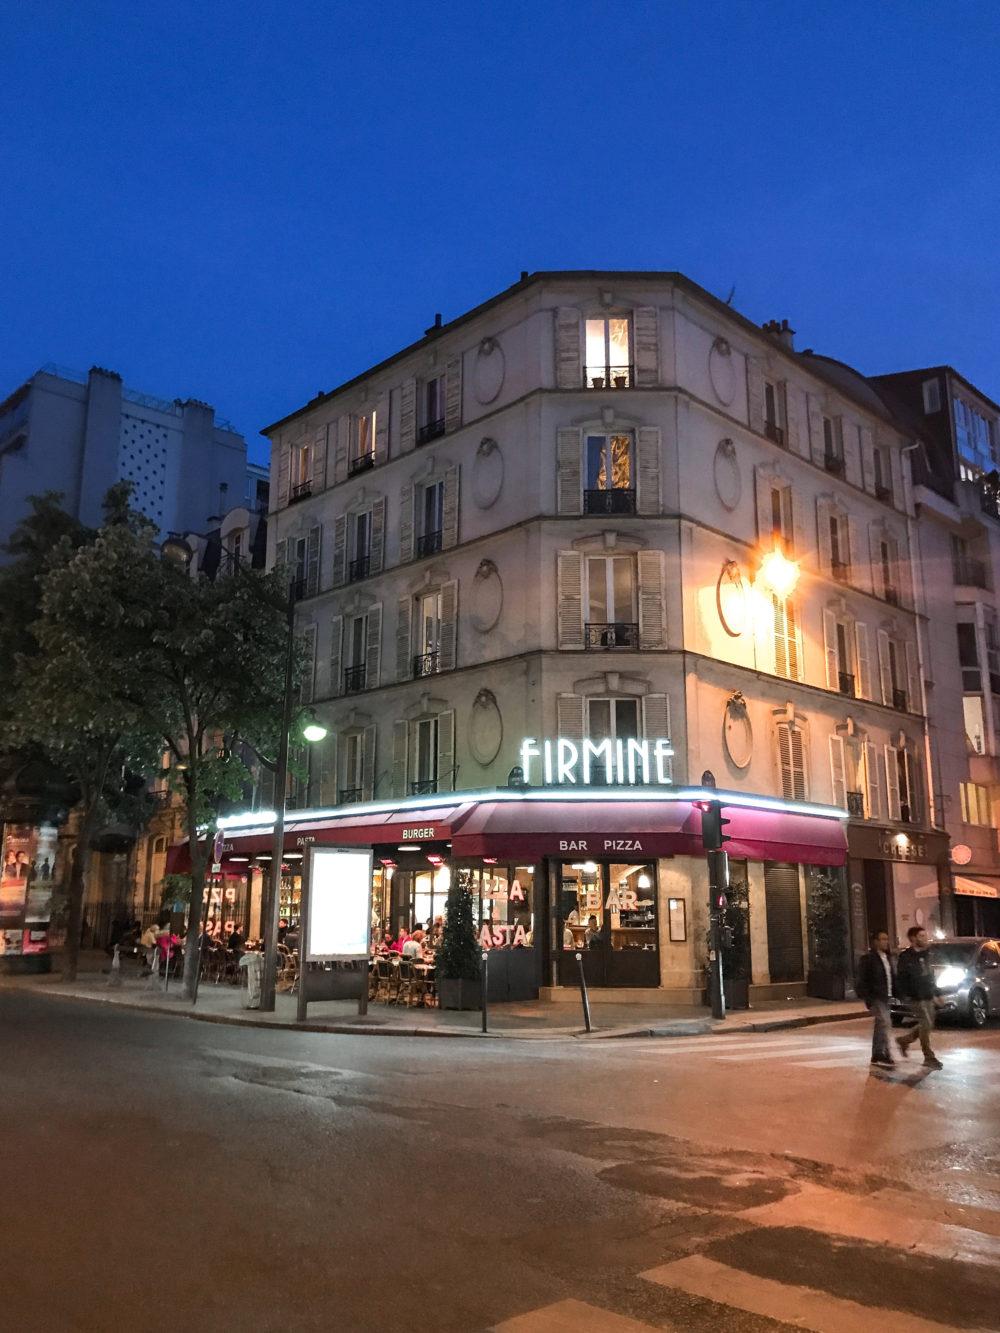 Firmine Restaurant